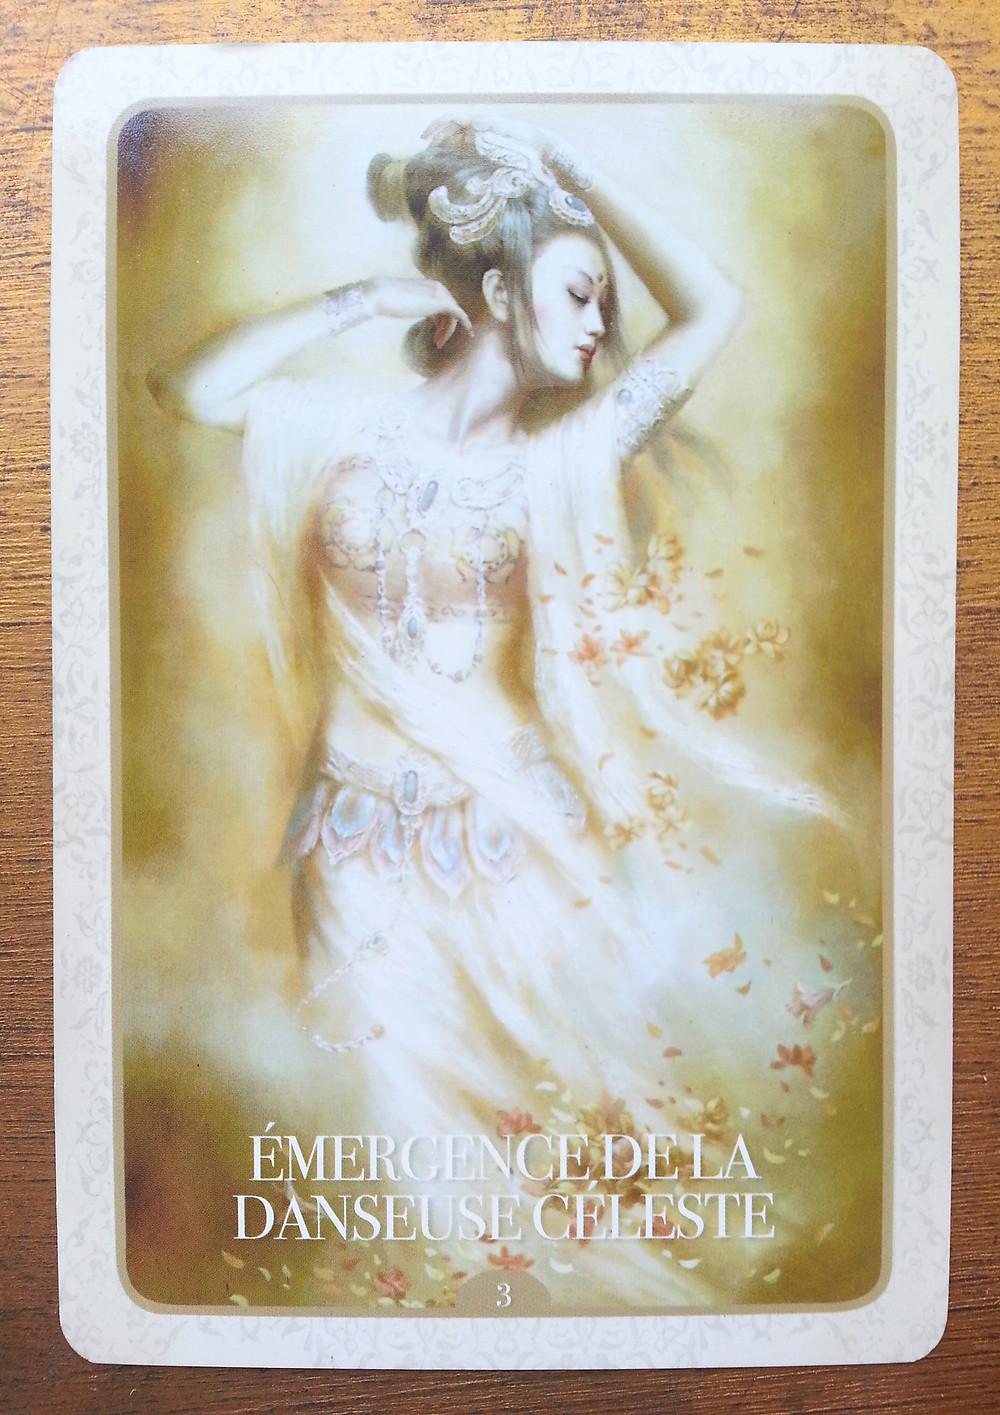 Carte tirée de l'Oracle de Kuan Yin d'Alana Fairchild - Émergence de la danseuse céleste